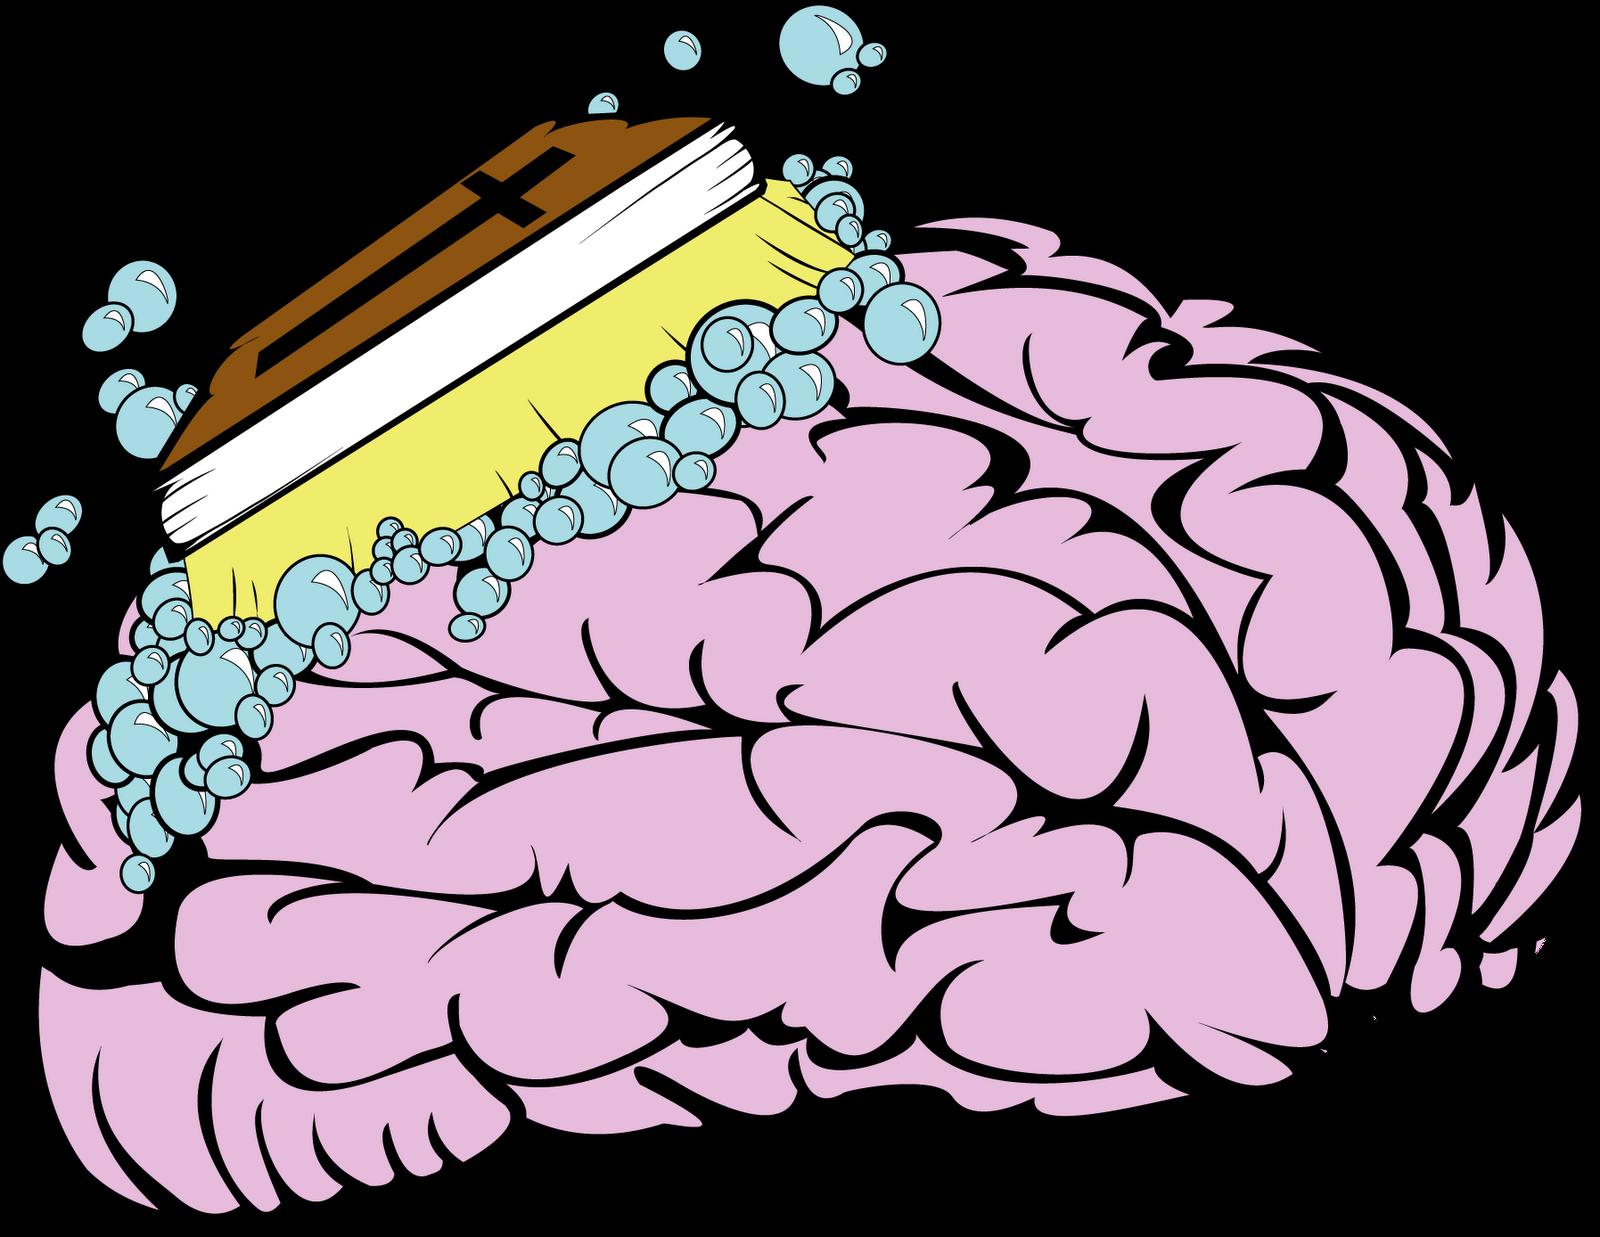 brainwash clipart - photo #10